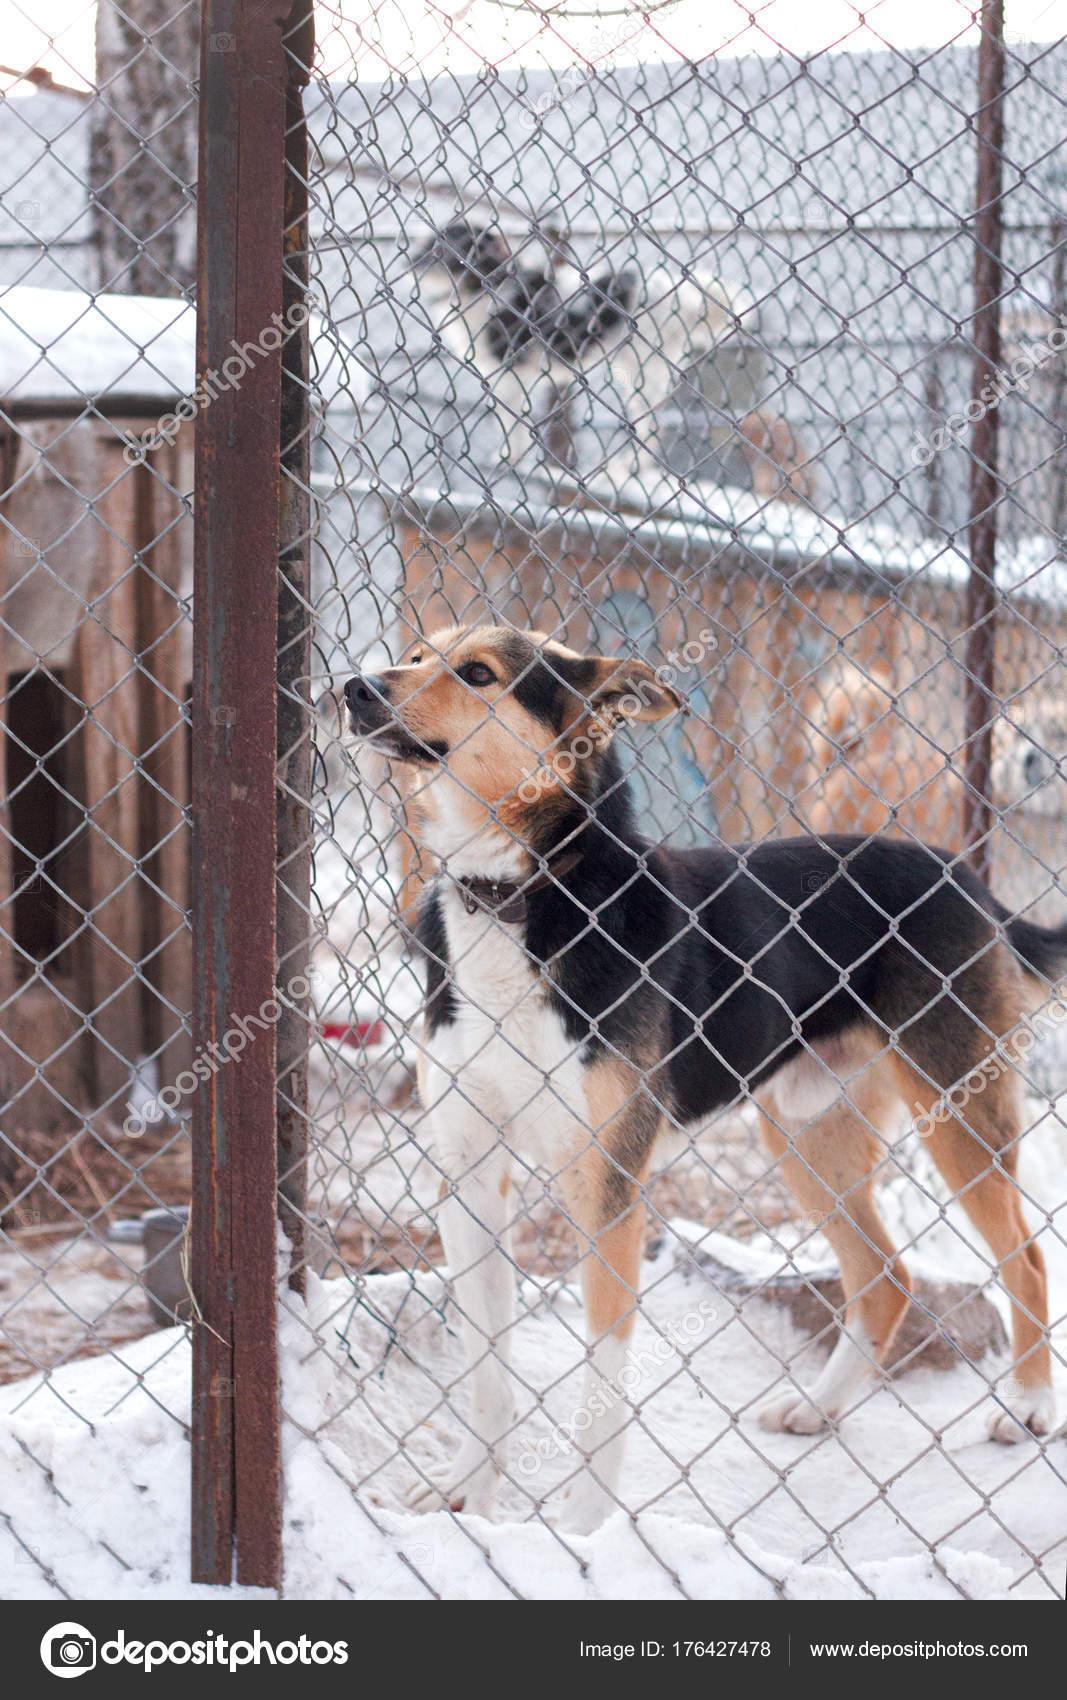 ad33398b3b1d Καταφύγιο σκύλων είναι ένα πανέμορφο σκυλί σε ένα καταφύγιο ζώων που  αναζητούν μέσα από τον φράχτη που αναρωτιούνται αν κάποιος πρόκειται να τον  πάρει σπίτι ...